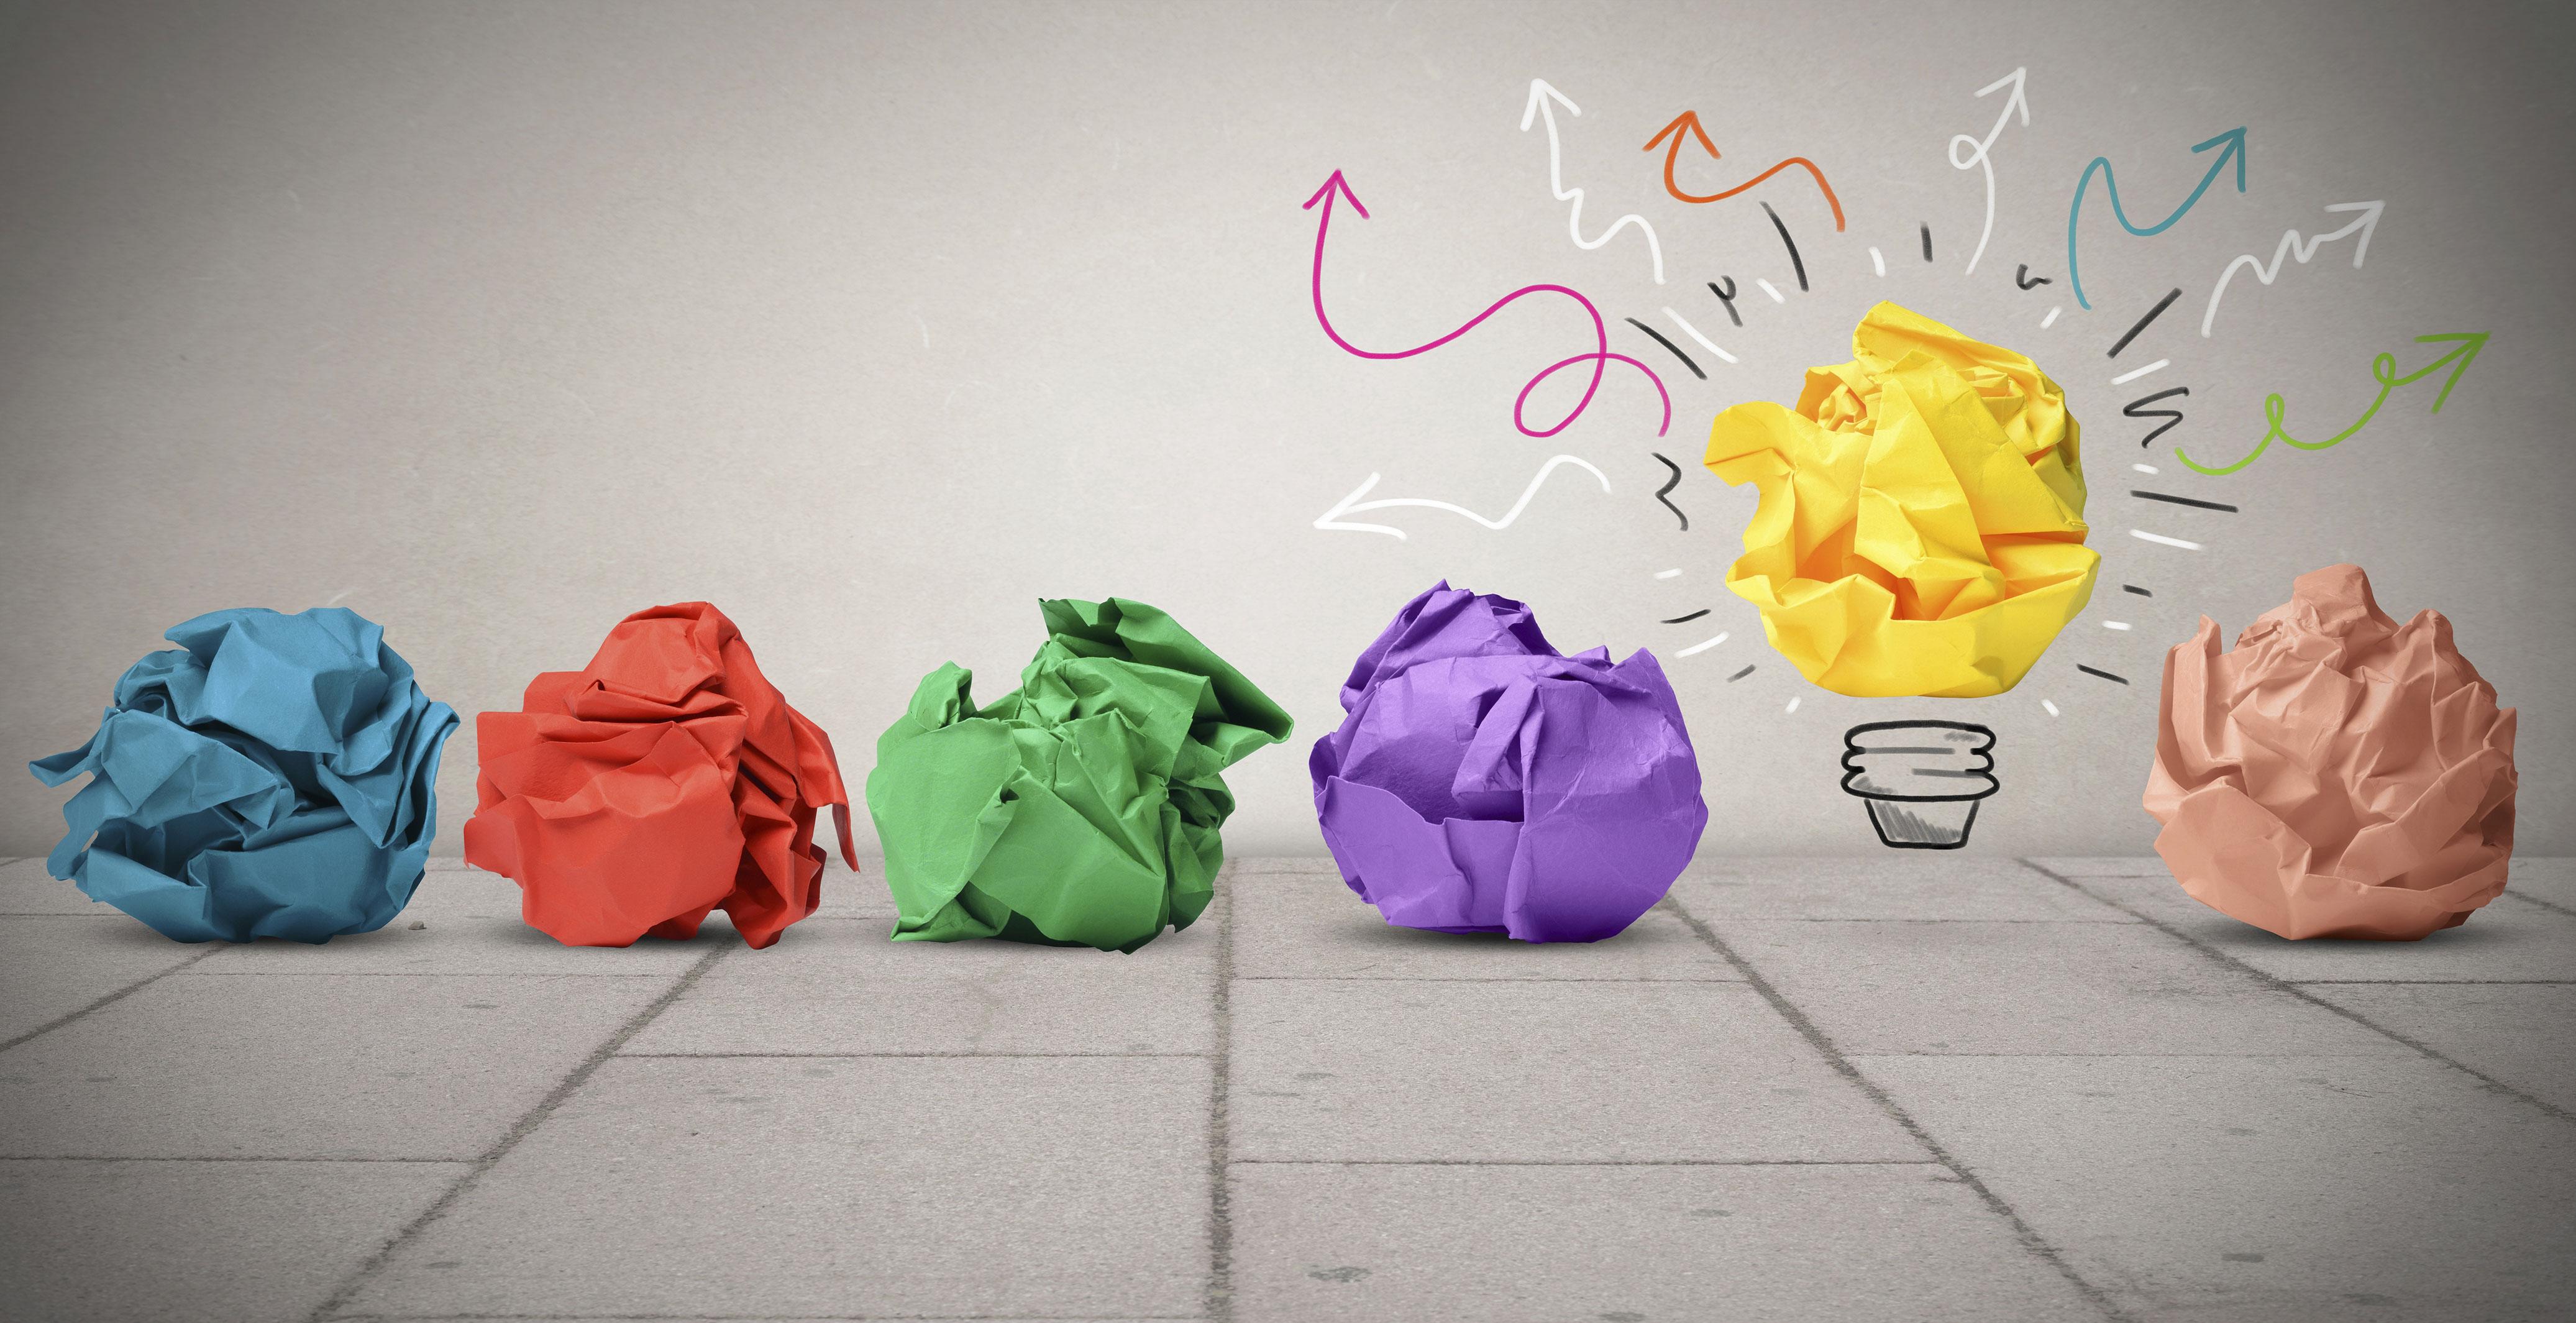 چگونه تولید محتوای تخصصی کنیم؟